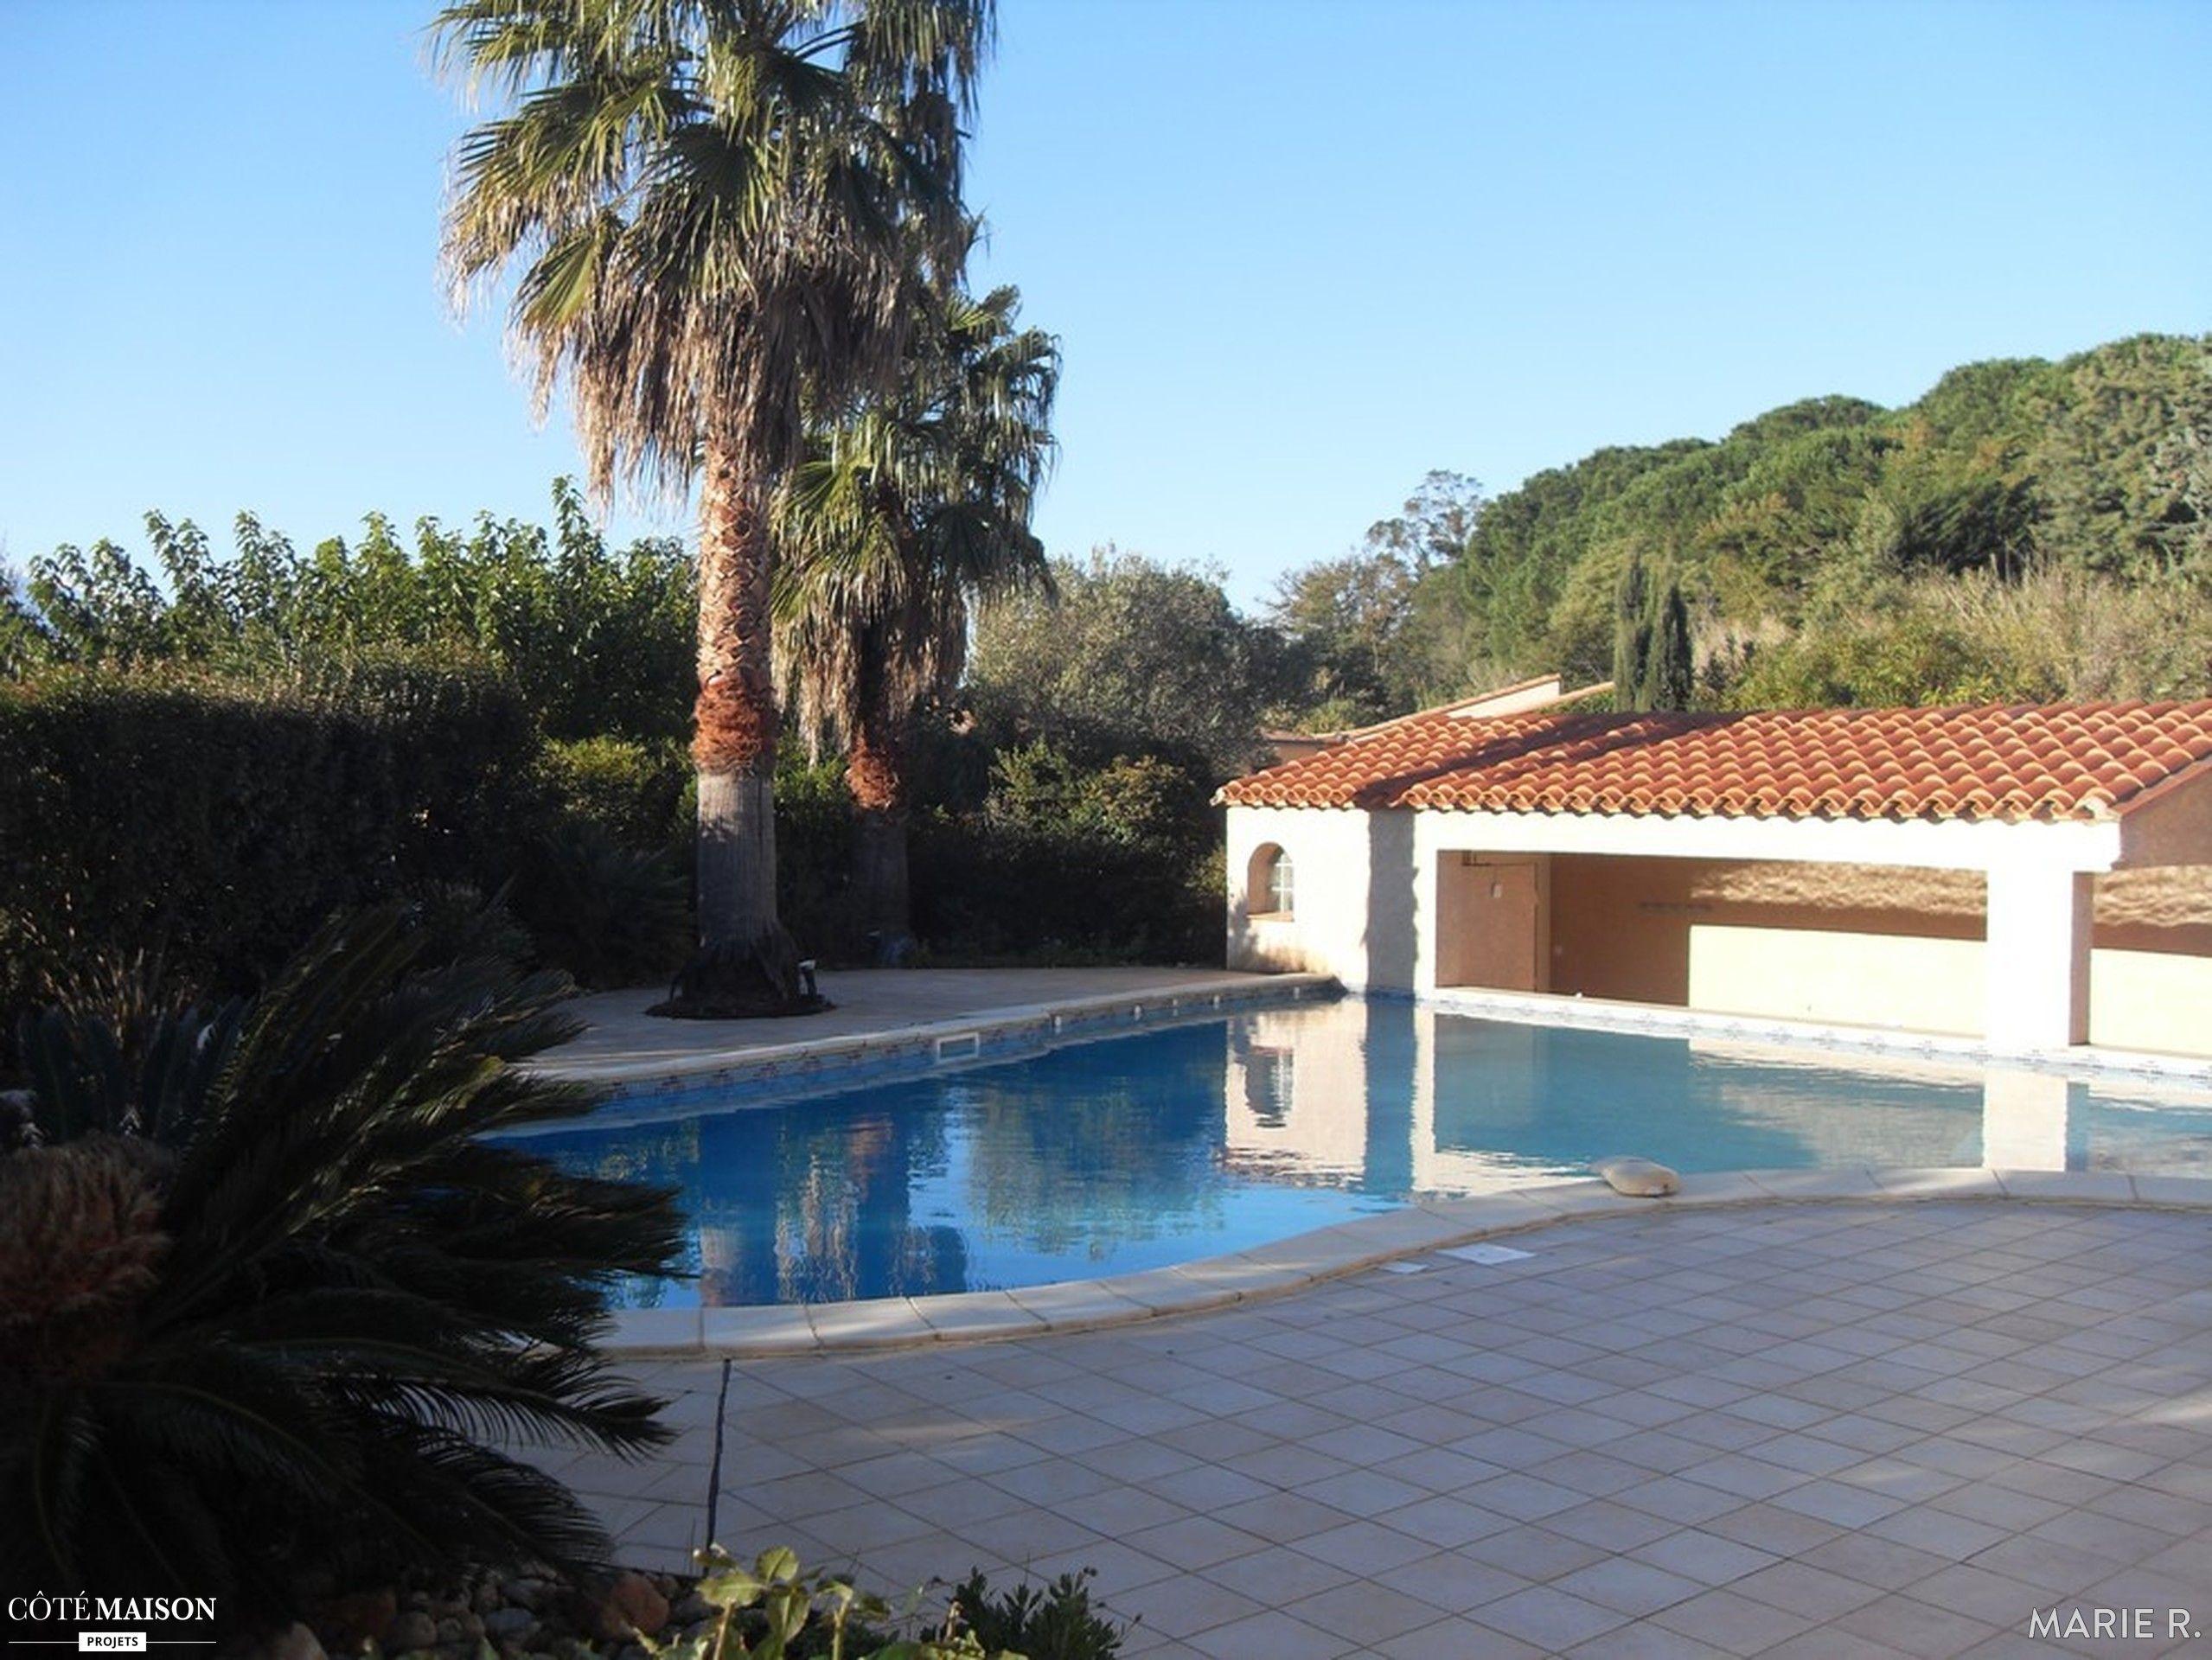 Piscine dans un environnement m diterran en autour de la for Hotel perpignan avec piscine